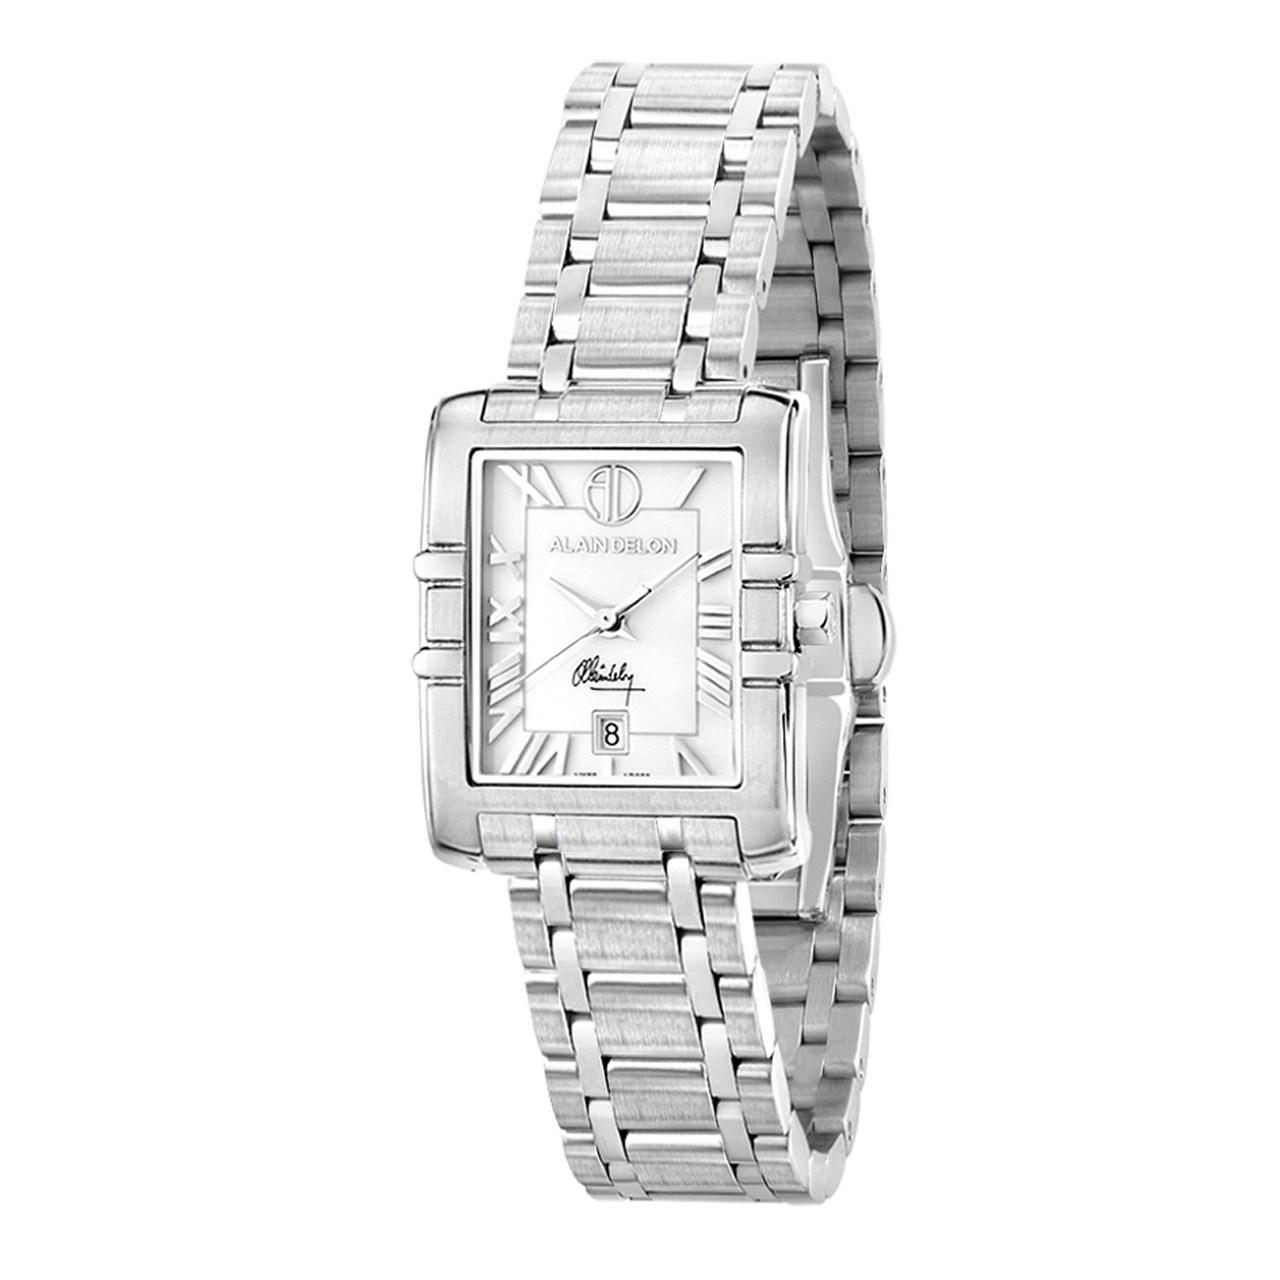 ساعت مچی عقربه ای زنانه آلن دلون مدل AD350-2311